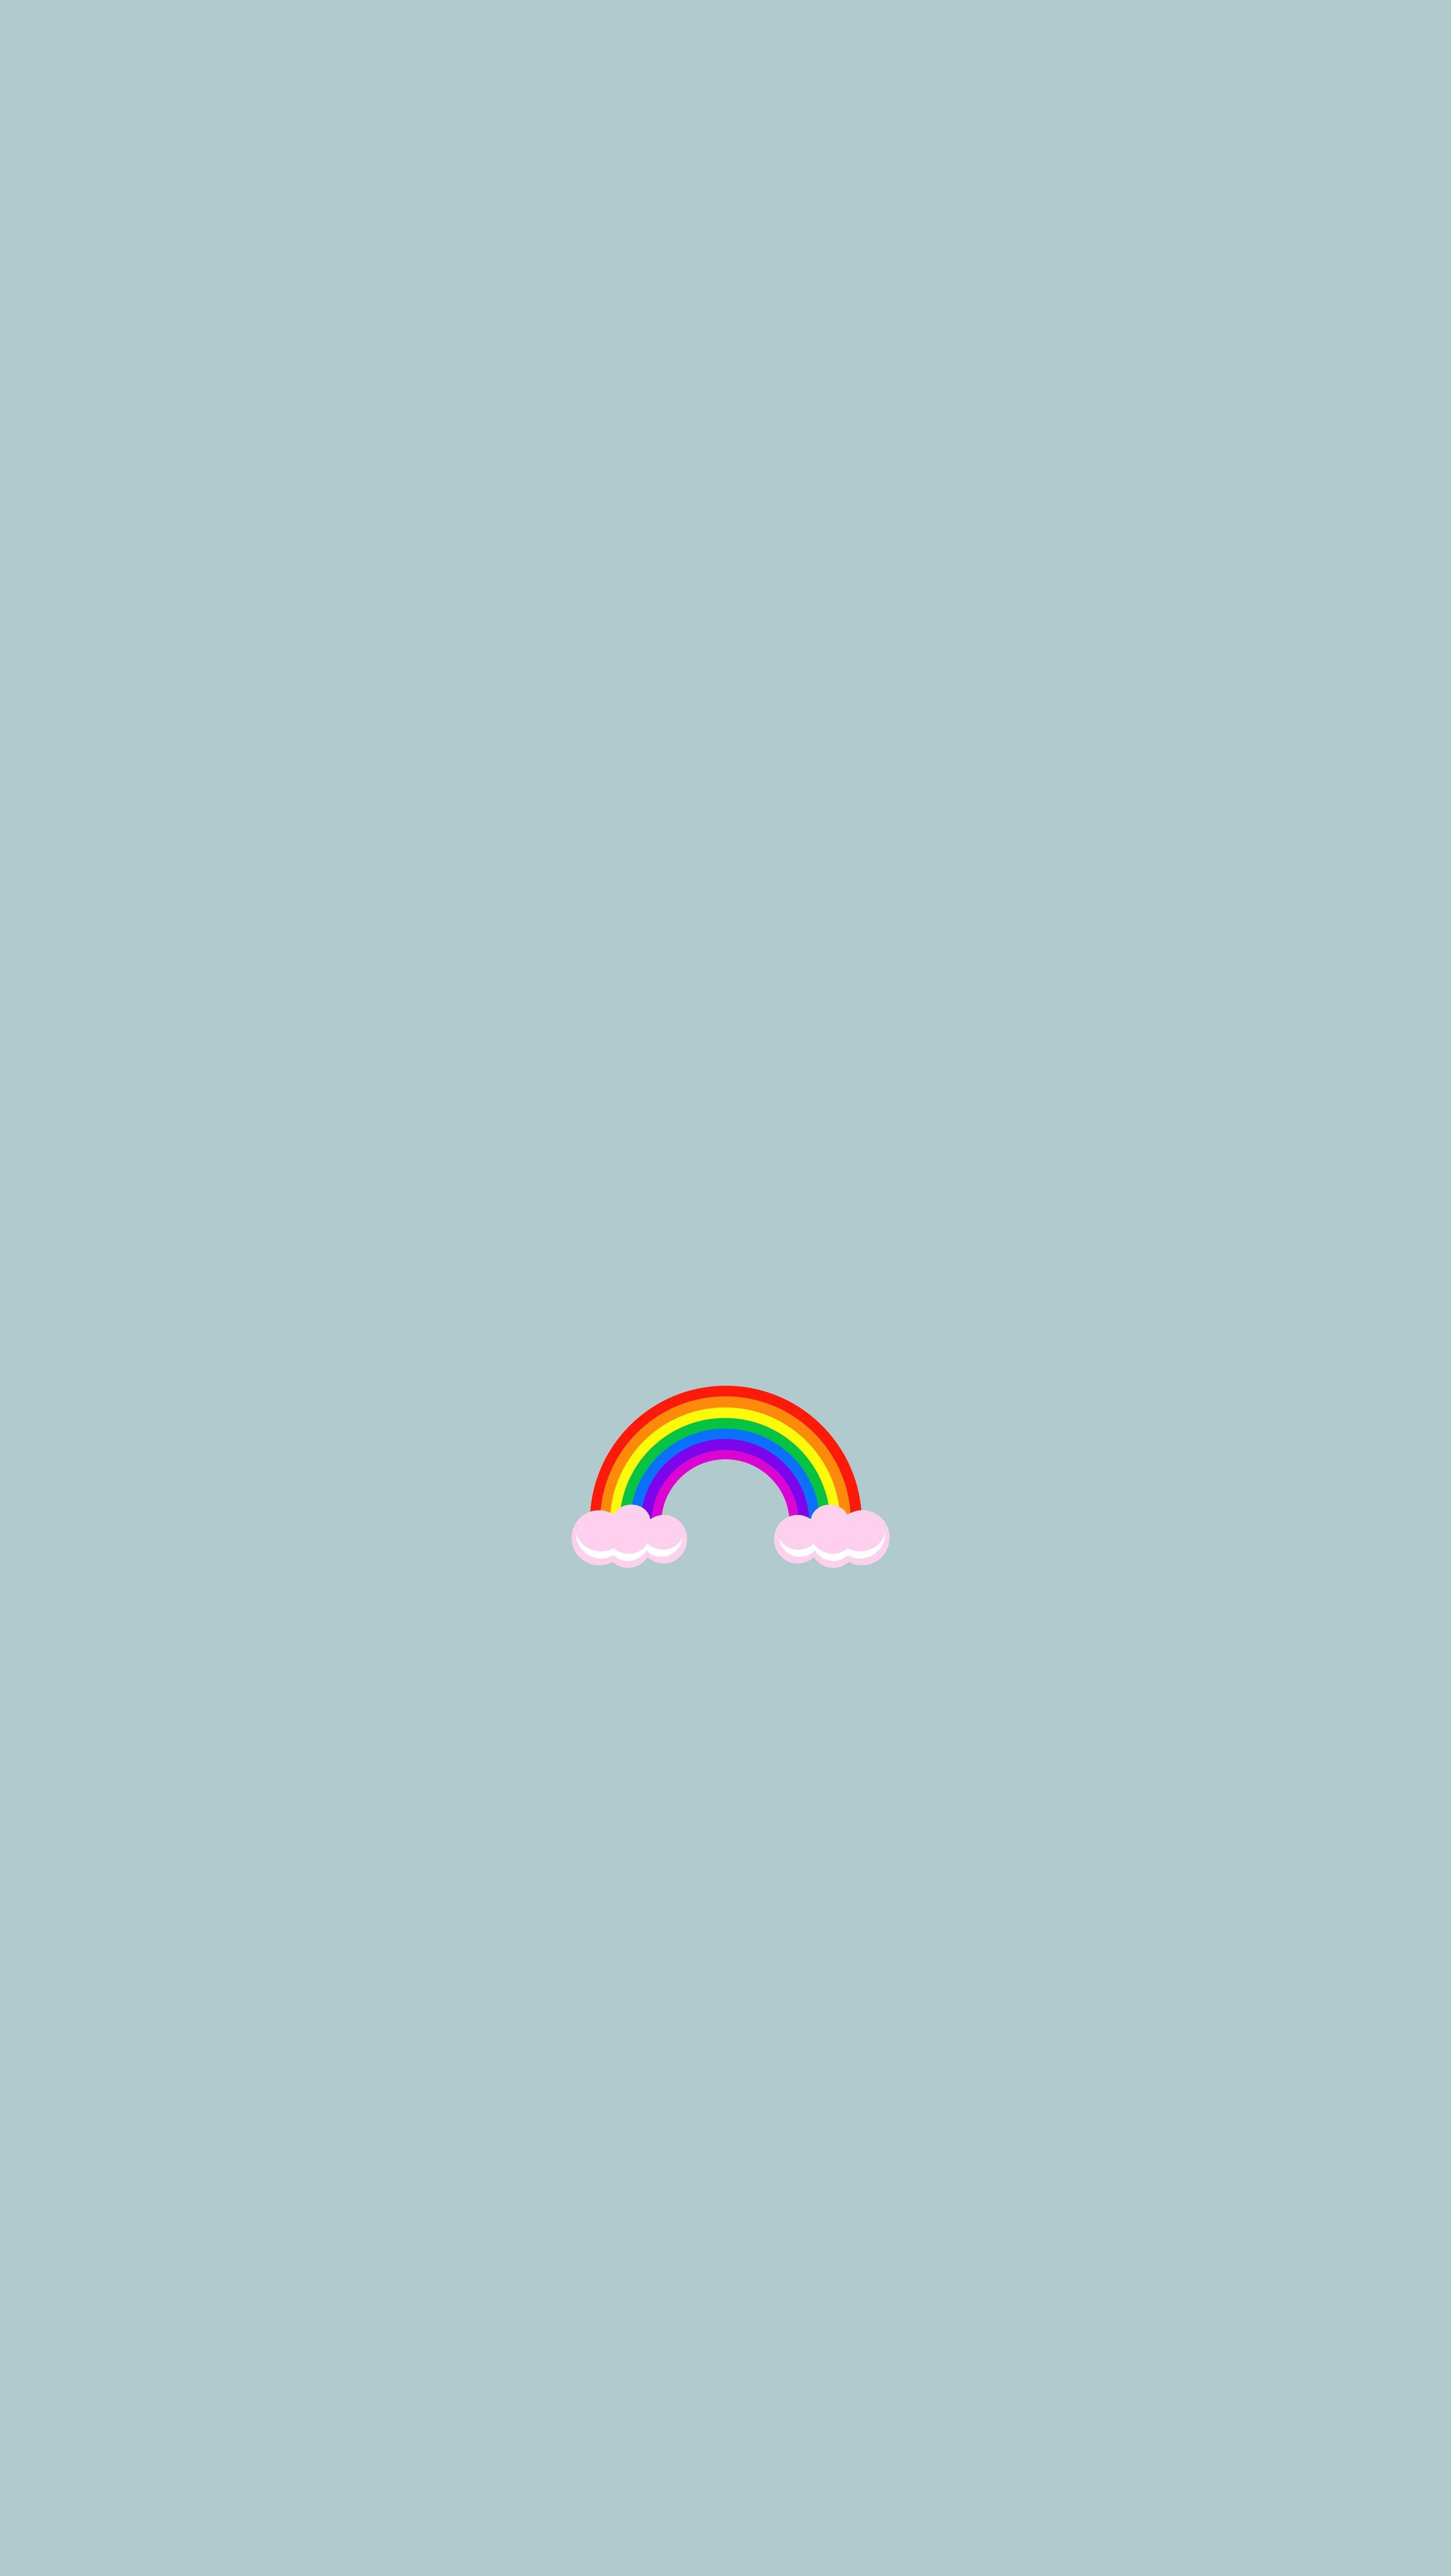 Arvo Be Good Do Good Arvowear Arvowear Arvo Rainbow